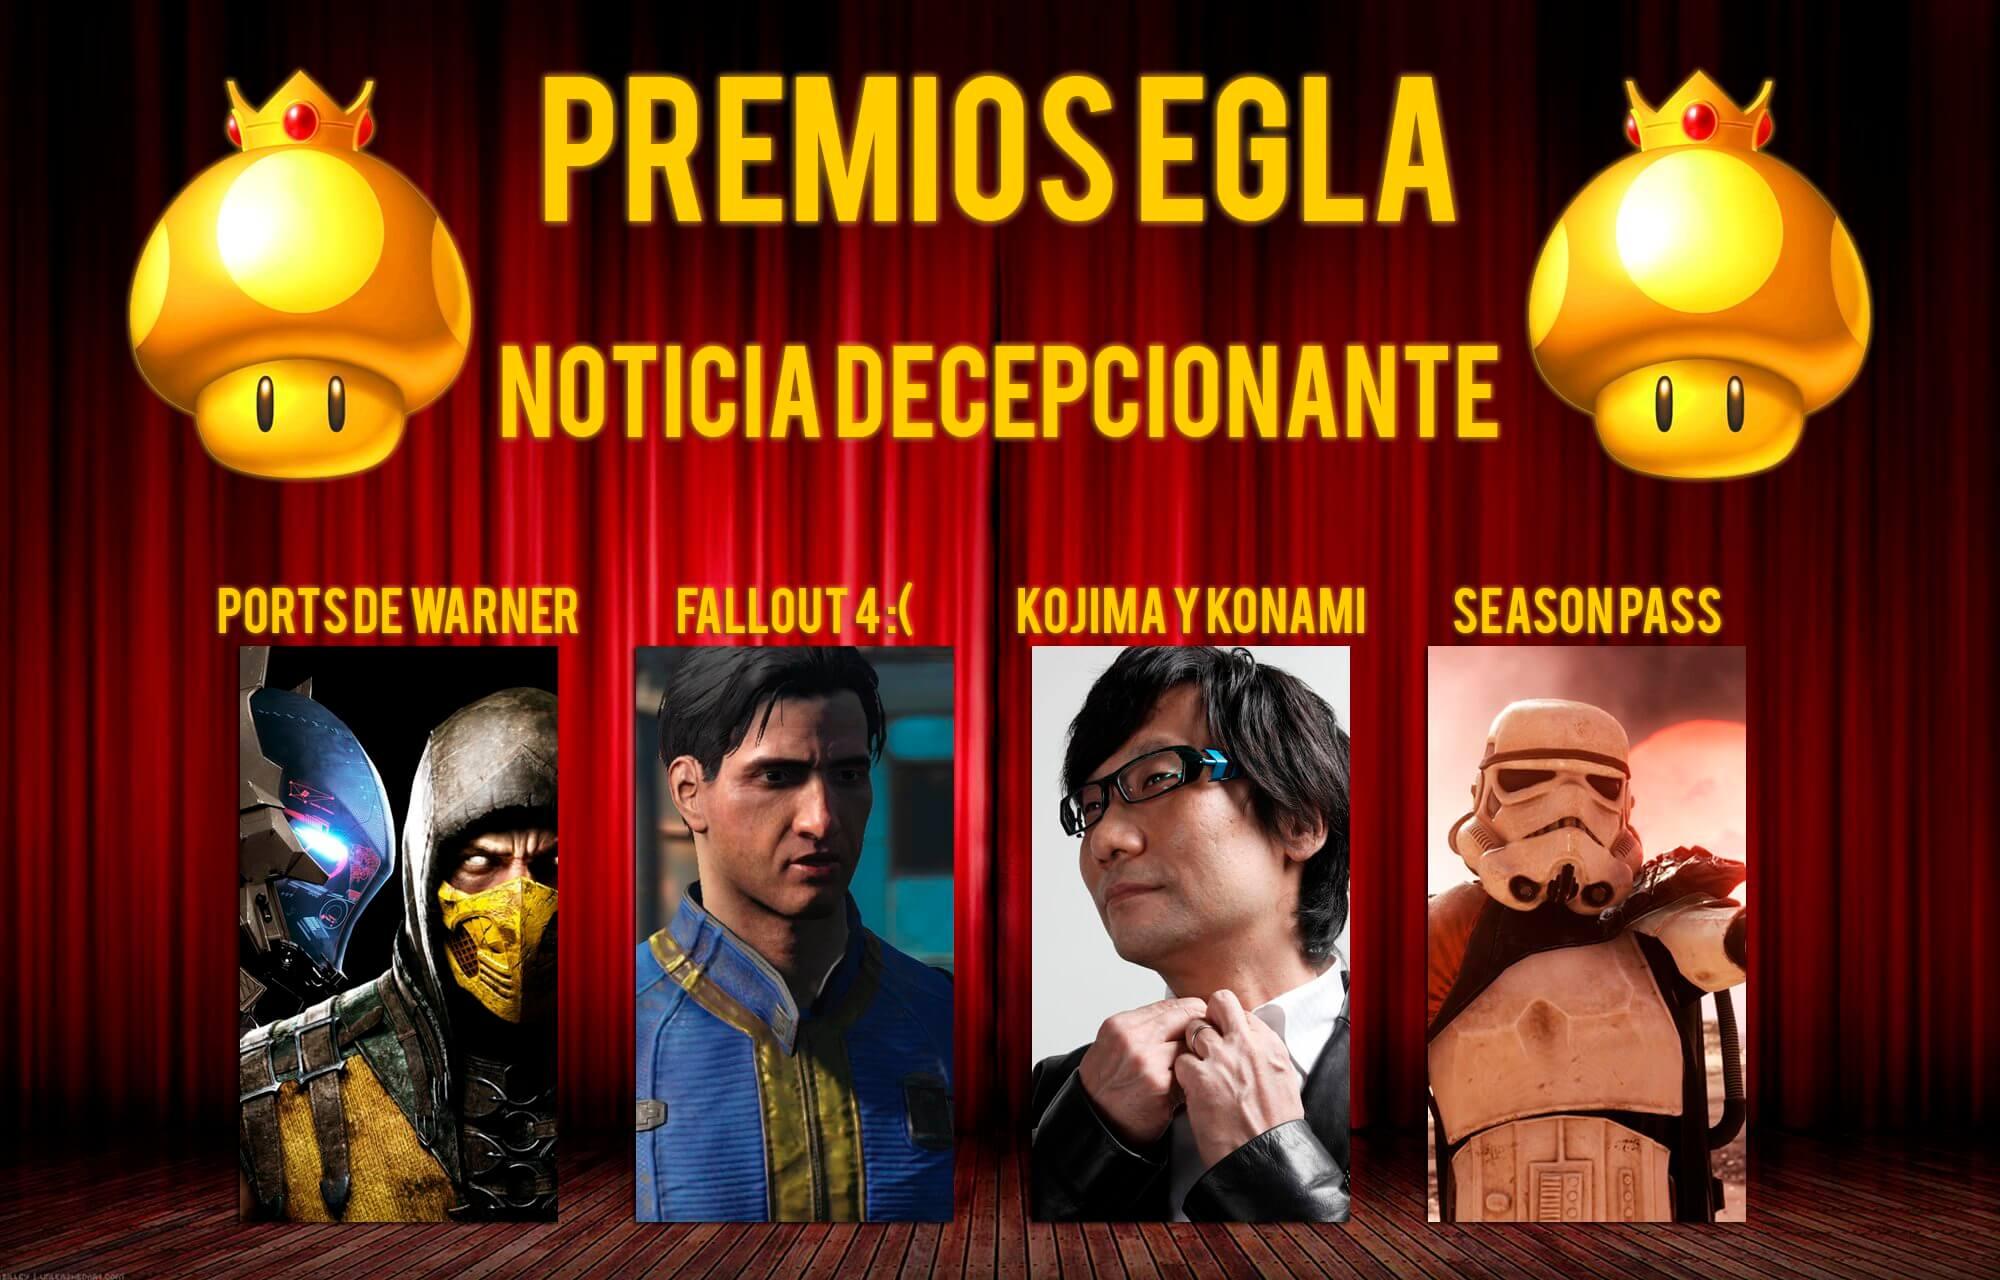 Premios EGLA 2015 Noticia decepcionante del Año